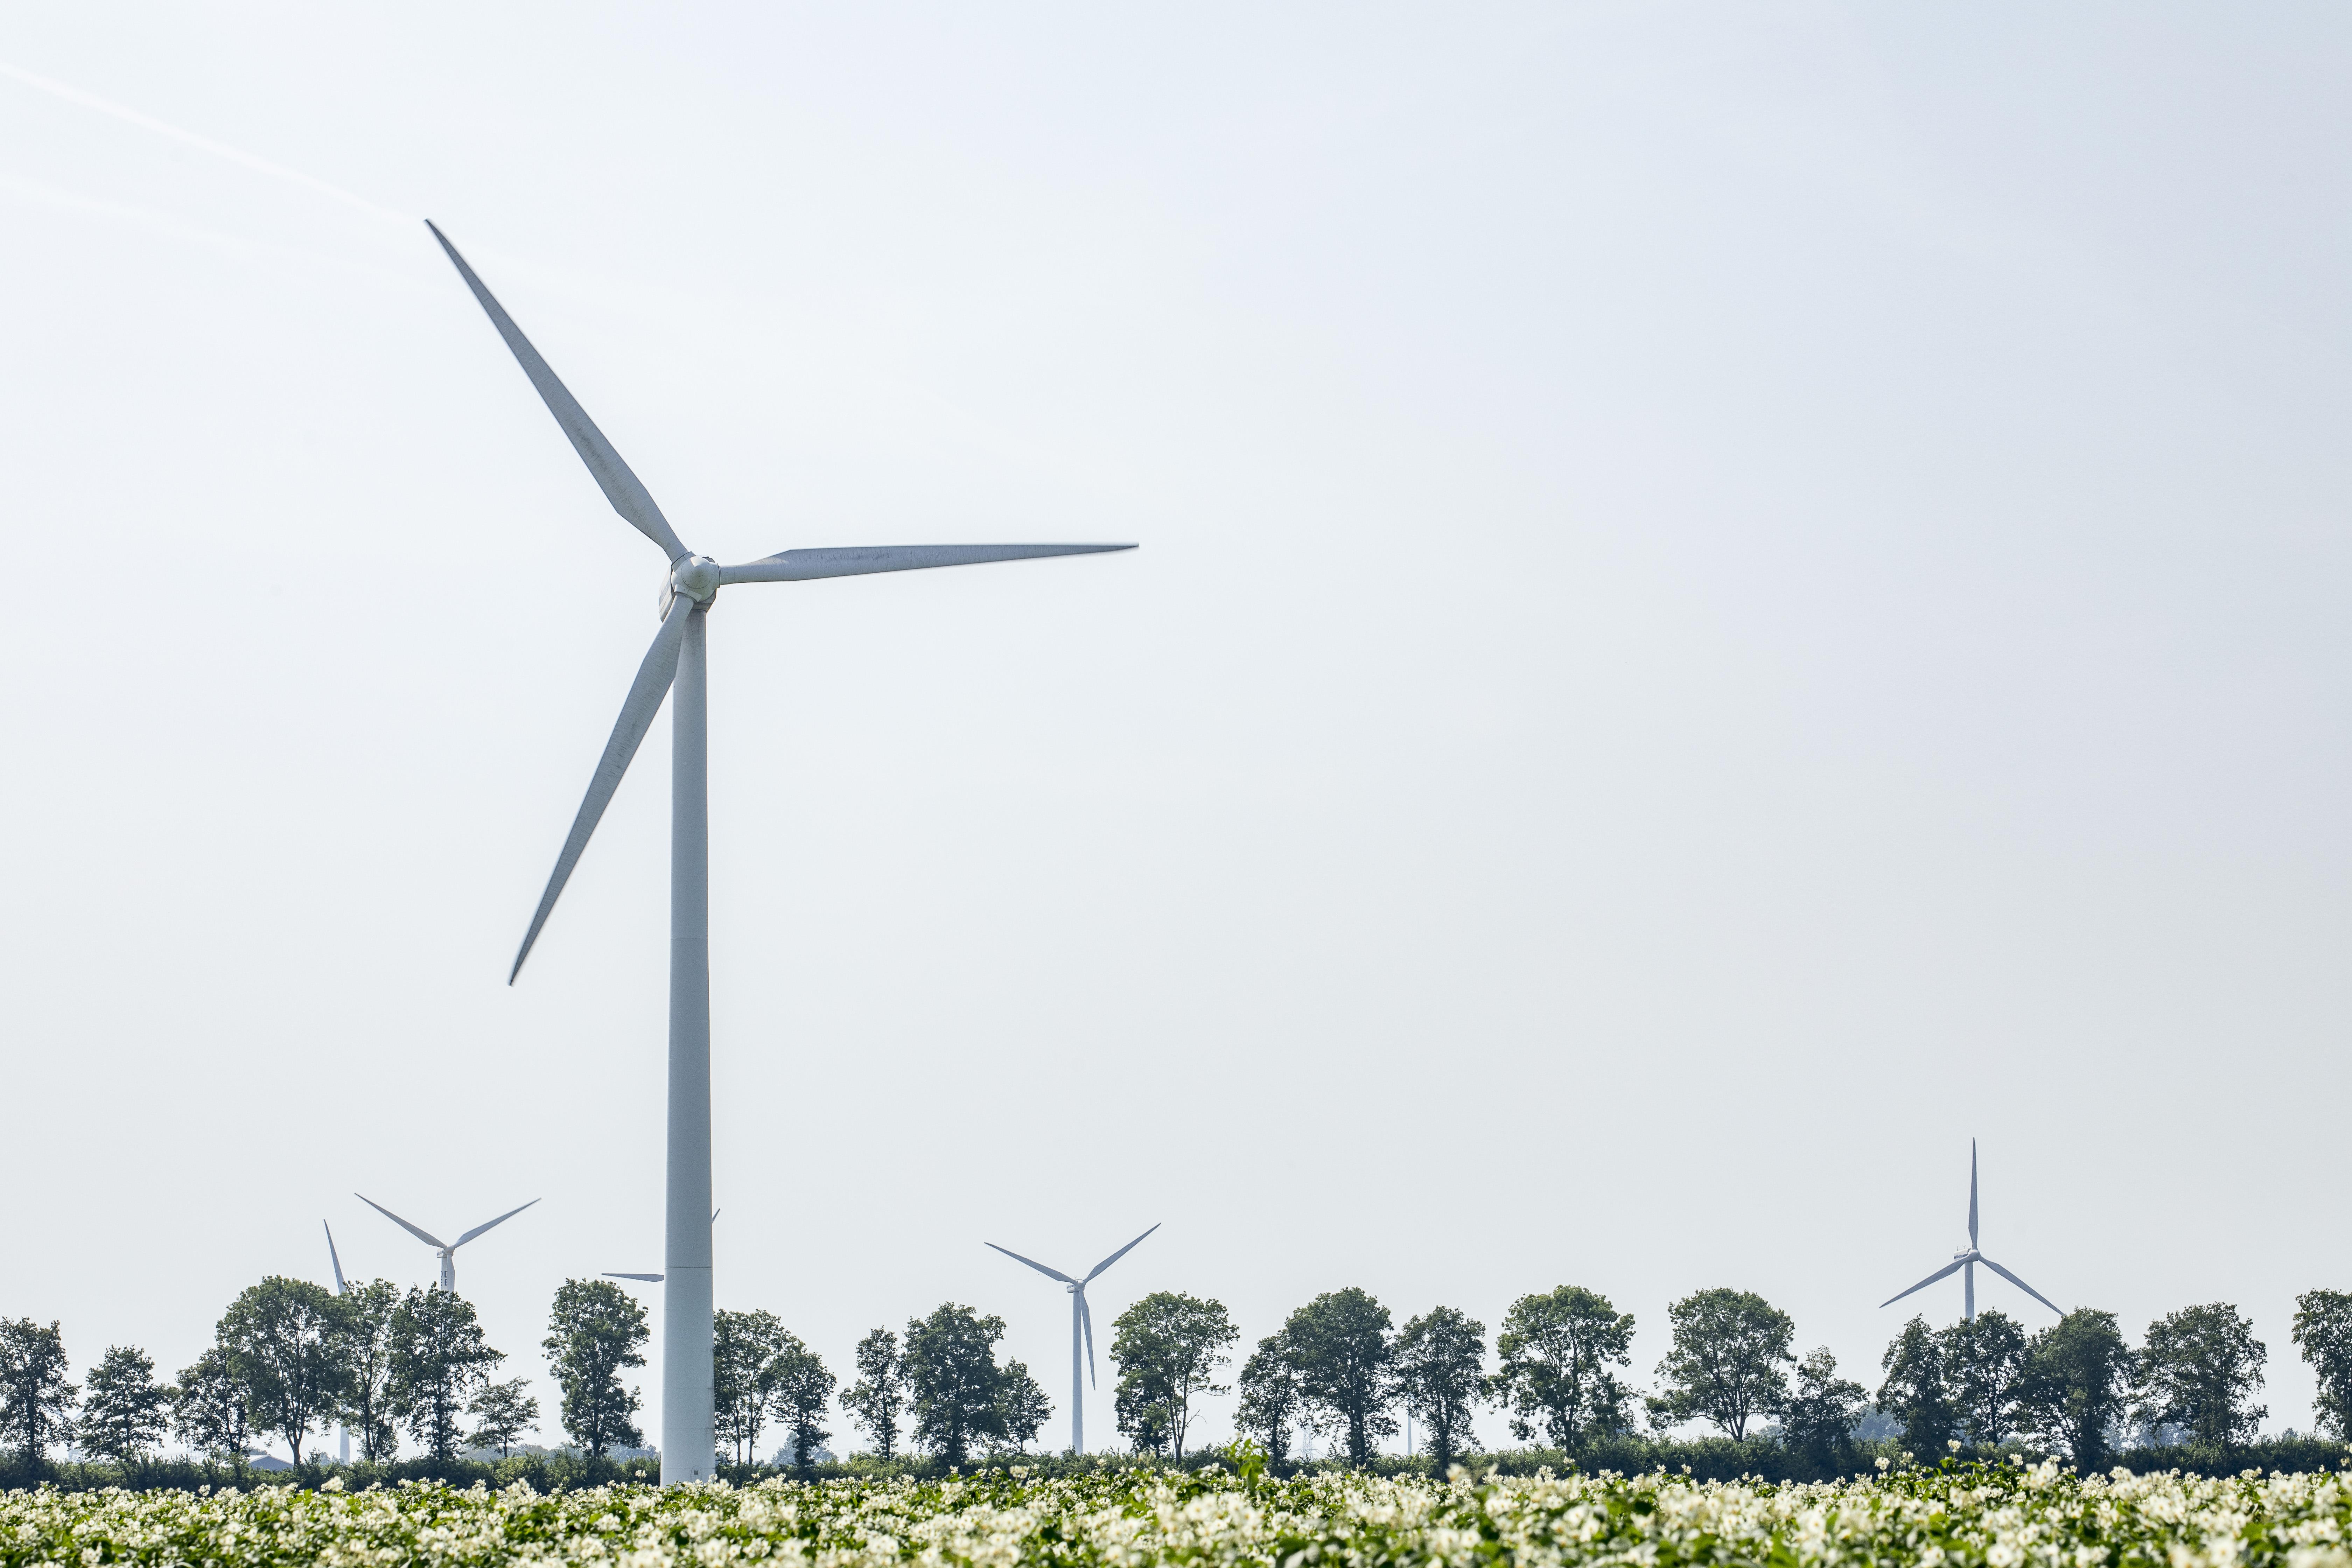 Vattenfall en SwifterwinT aan de slag met Windplanblauw